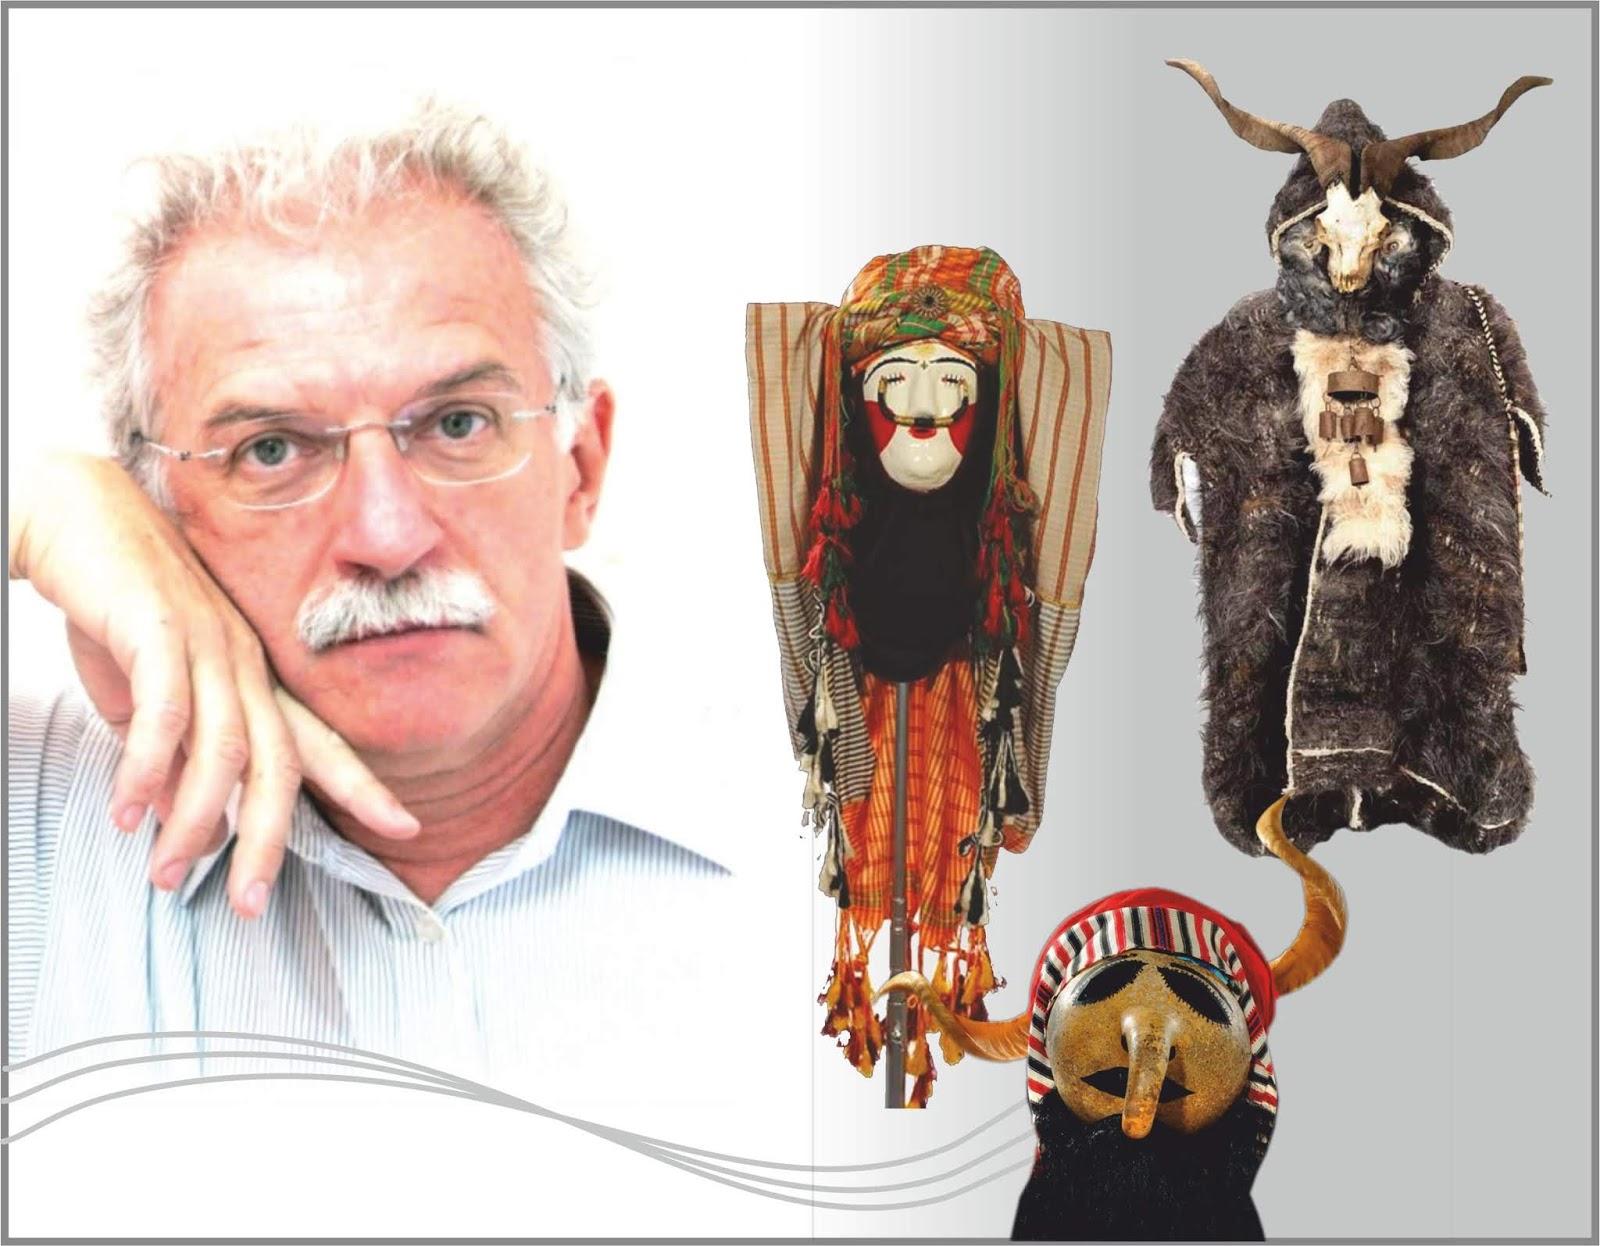 """Οι """"Μάσκες"""" του Γιώργη Μελίκη στη Δημοτική Πινακοθήκη Λάρισας"""